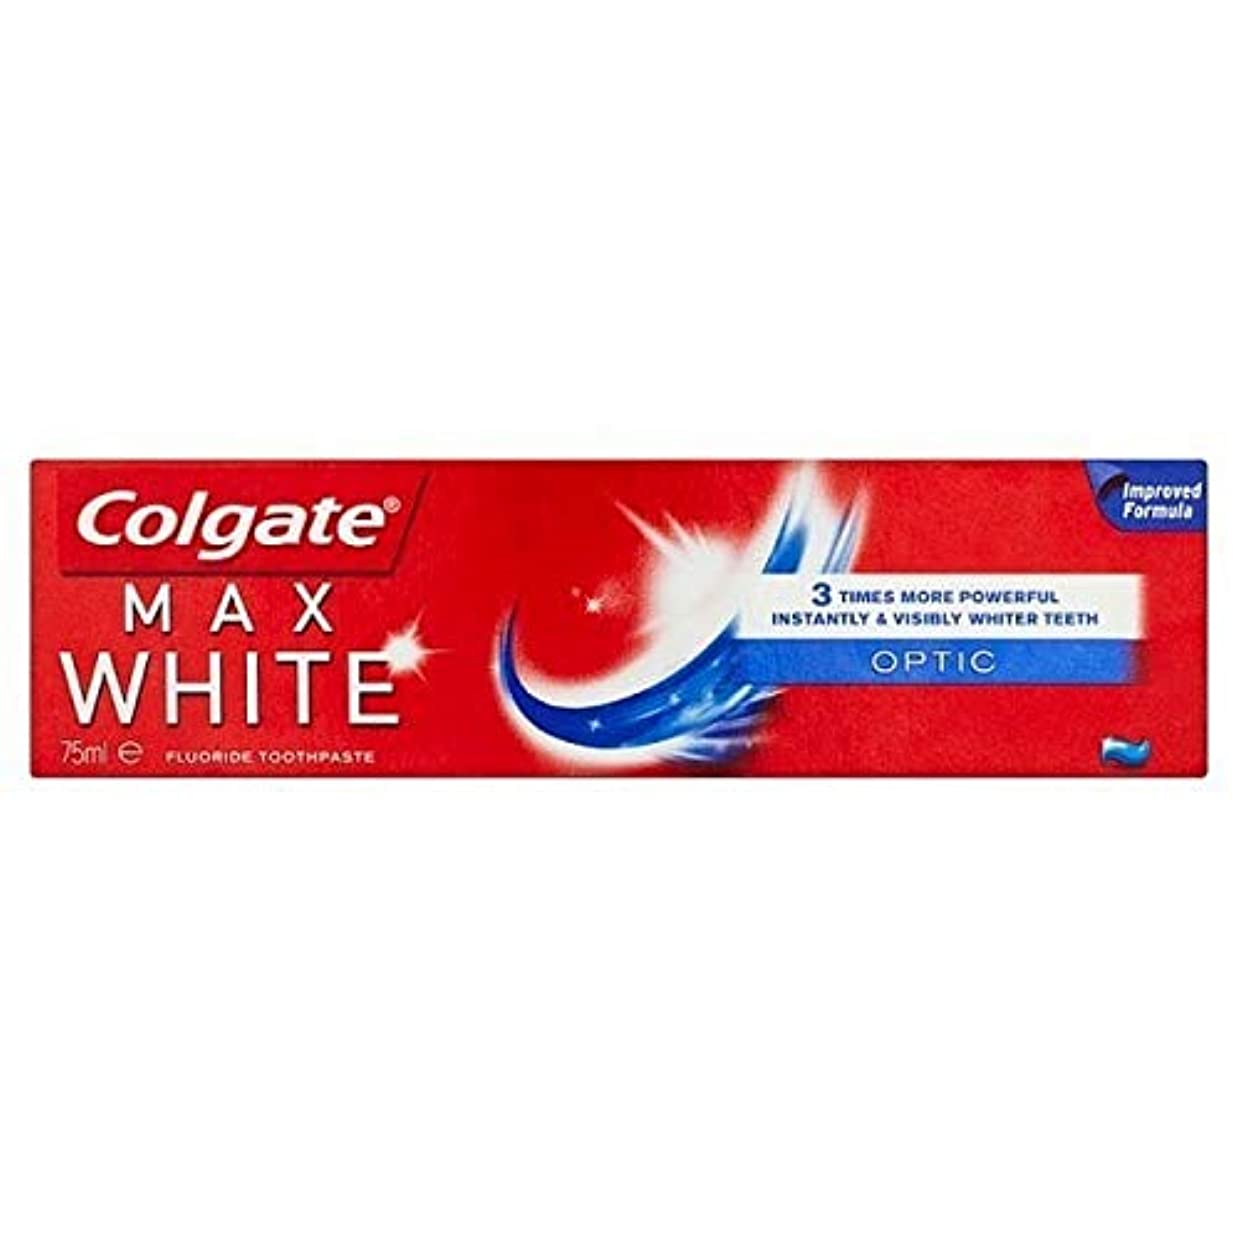 主流長いです因子[Colgate ] コルゲート最大白い光ホワイトニング歯磨き粉75ミリリットル - Colgate Max White Optic Whitening Toothpaste 75ml [並行輸入品]